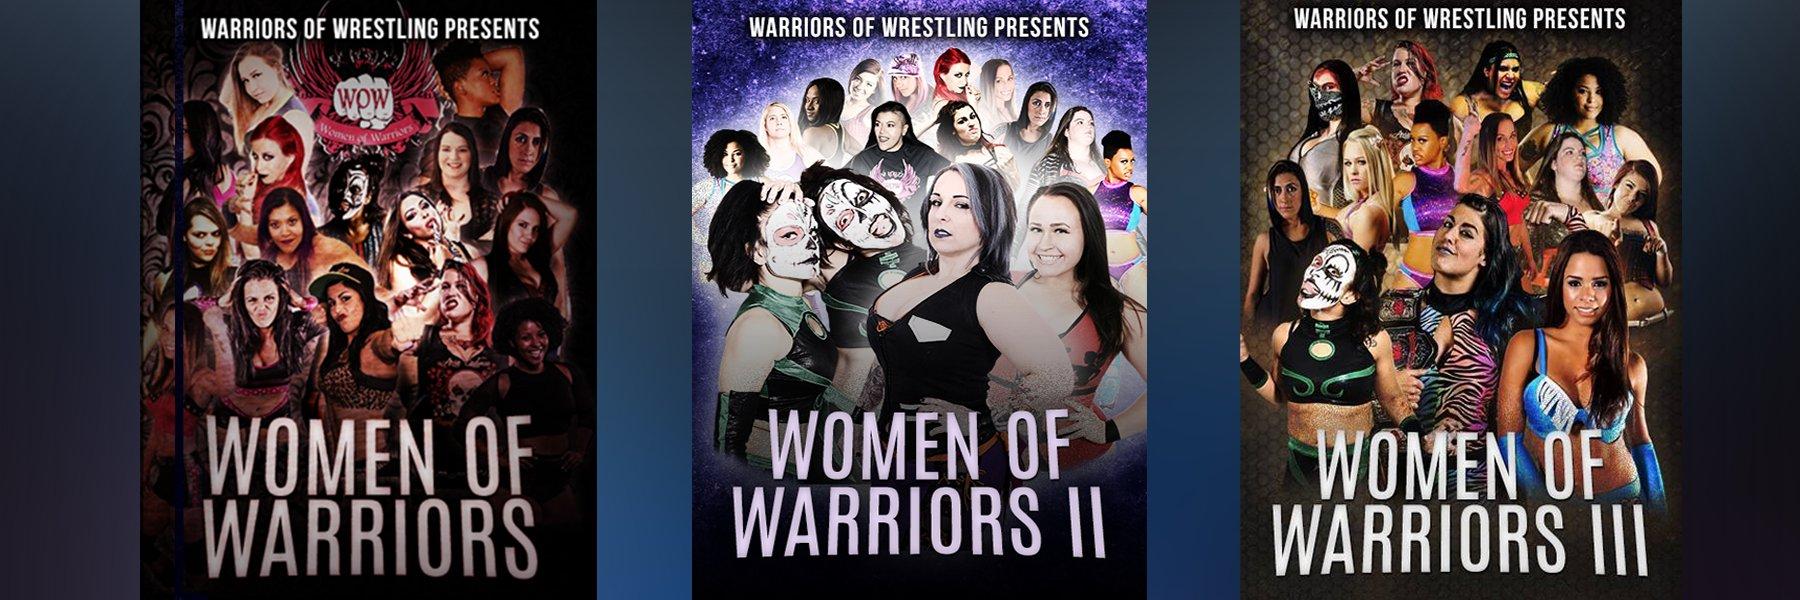 EXCLUSIVE: WOW Women of Warriors - Jordynne Grace, Nikki Addams, Holidead